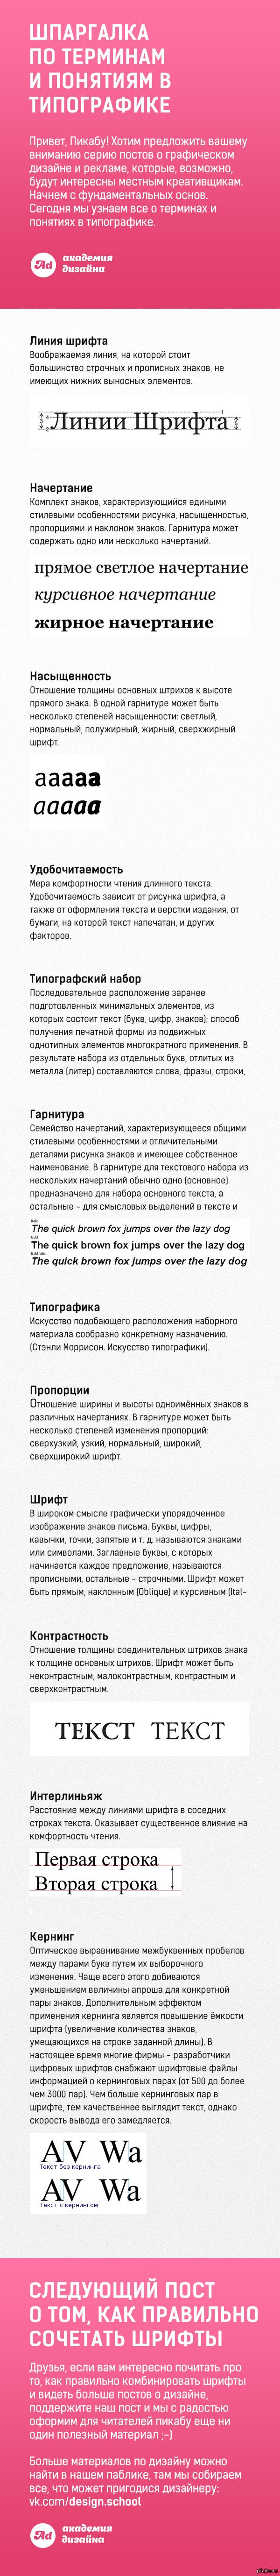 Шпаргалка по терминам и понятиям в типографике Краткий экскурс по фундаментальным определениям